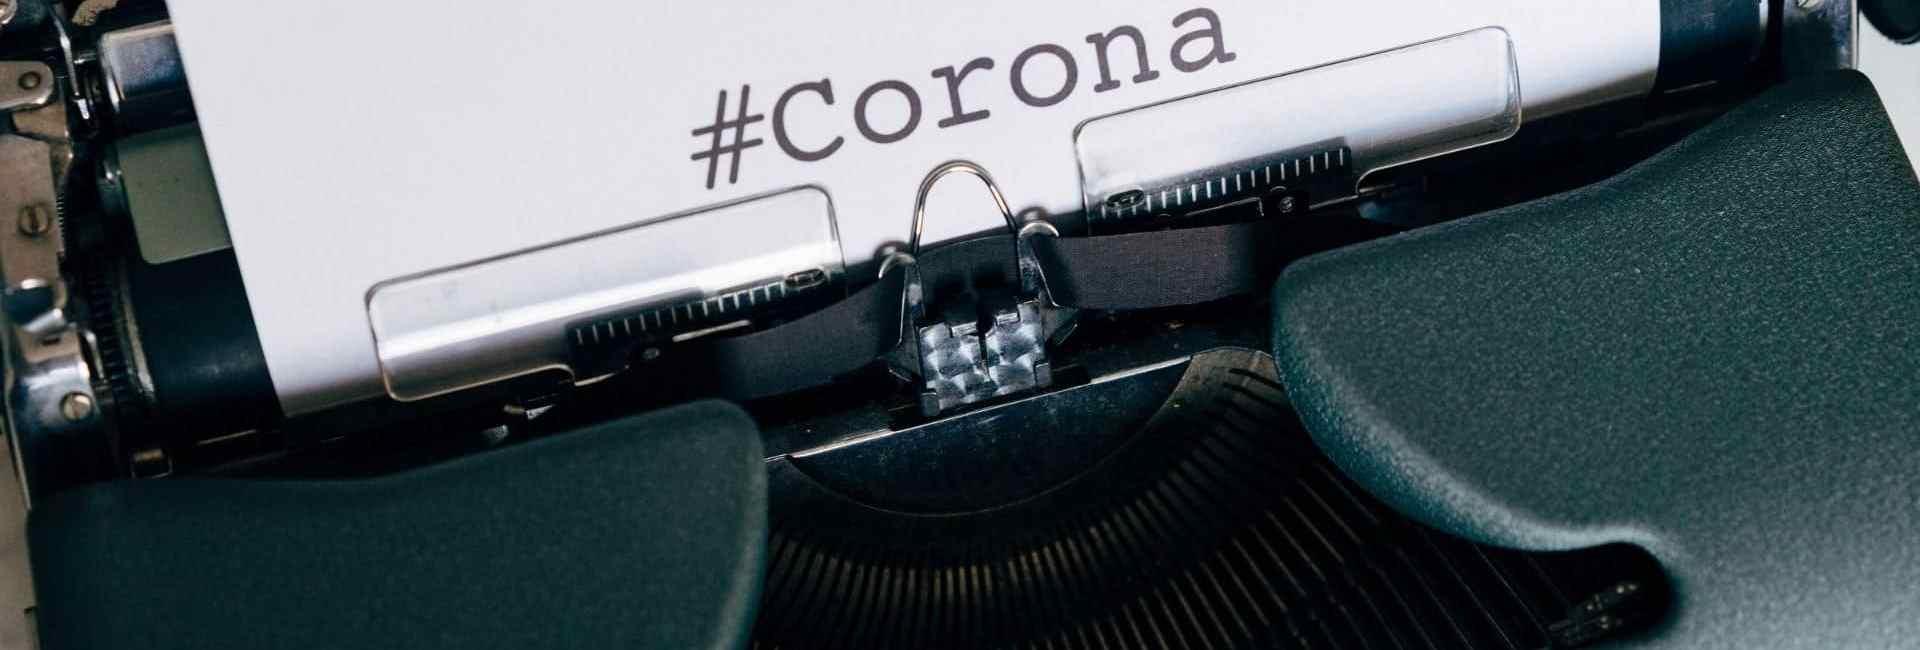 corona_machineaecrire